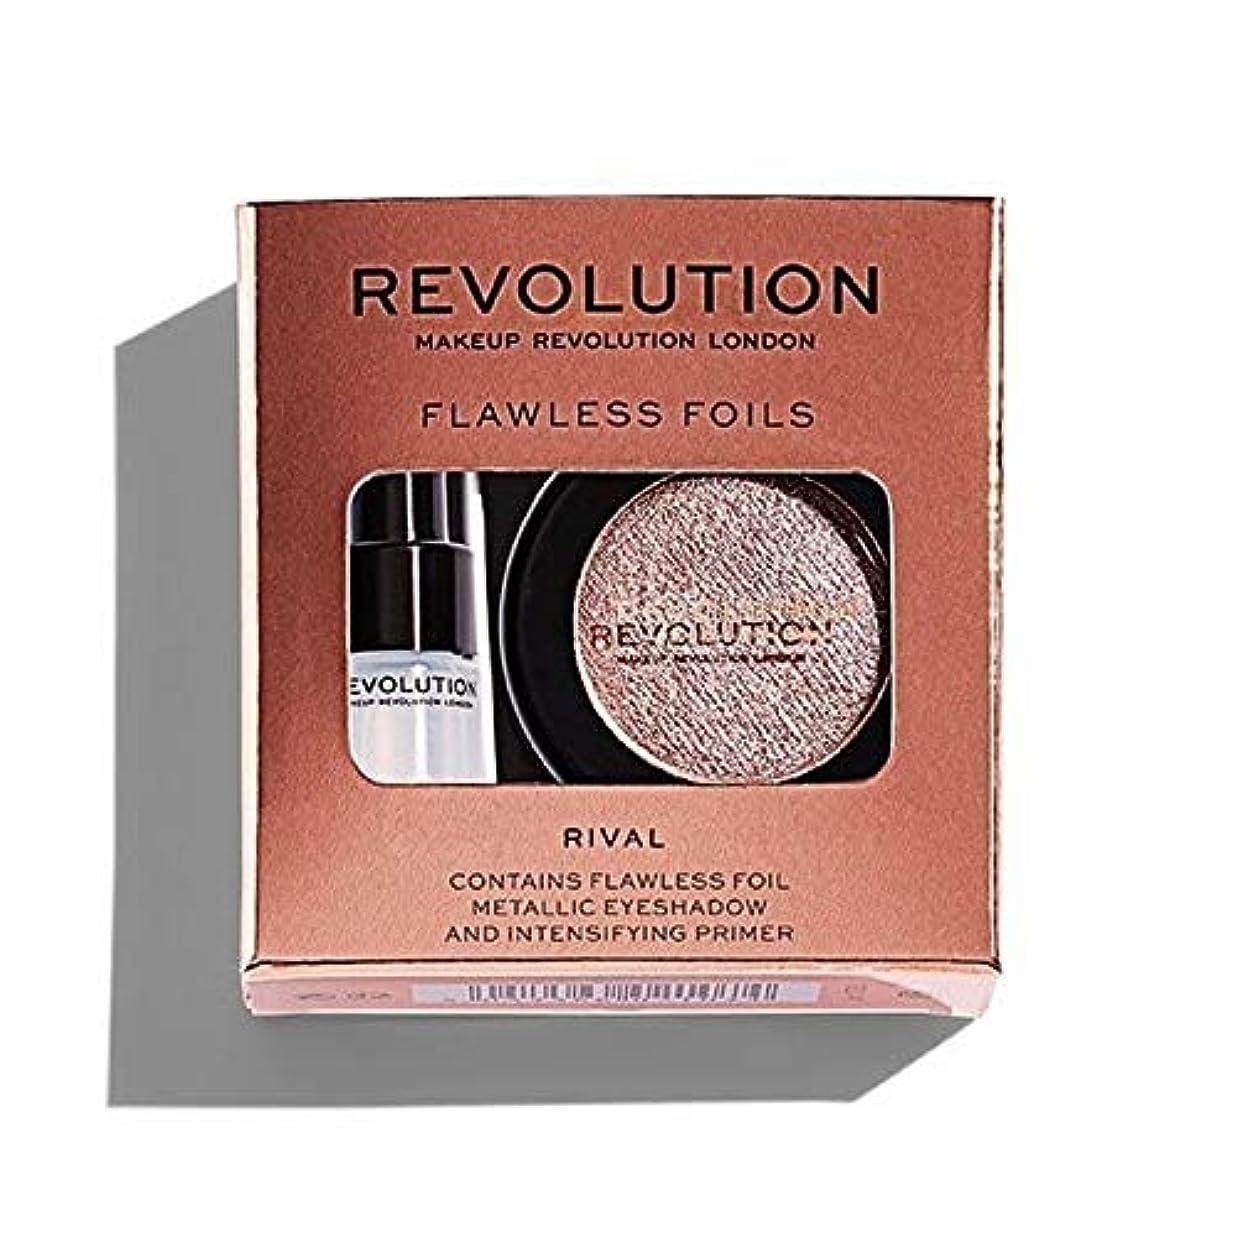 ダム穿孔する不運[Revolution ] ライバル革命完璧な箔 - Revolution Flawless Foils Rival [並行輸入品]